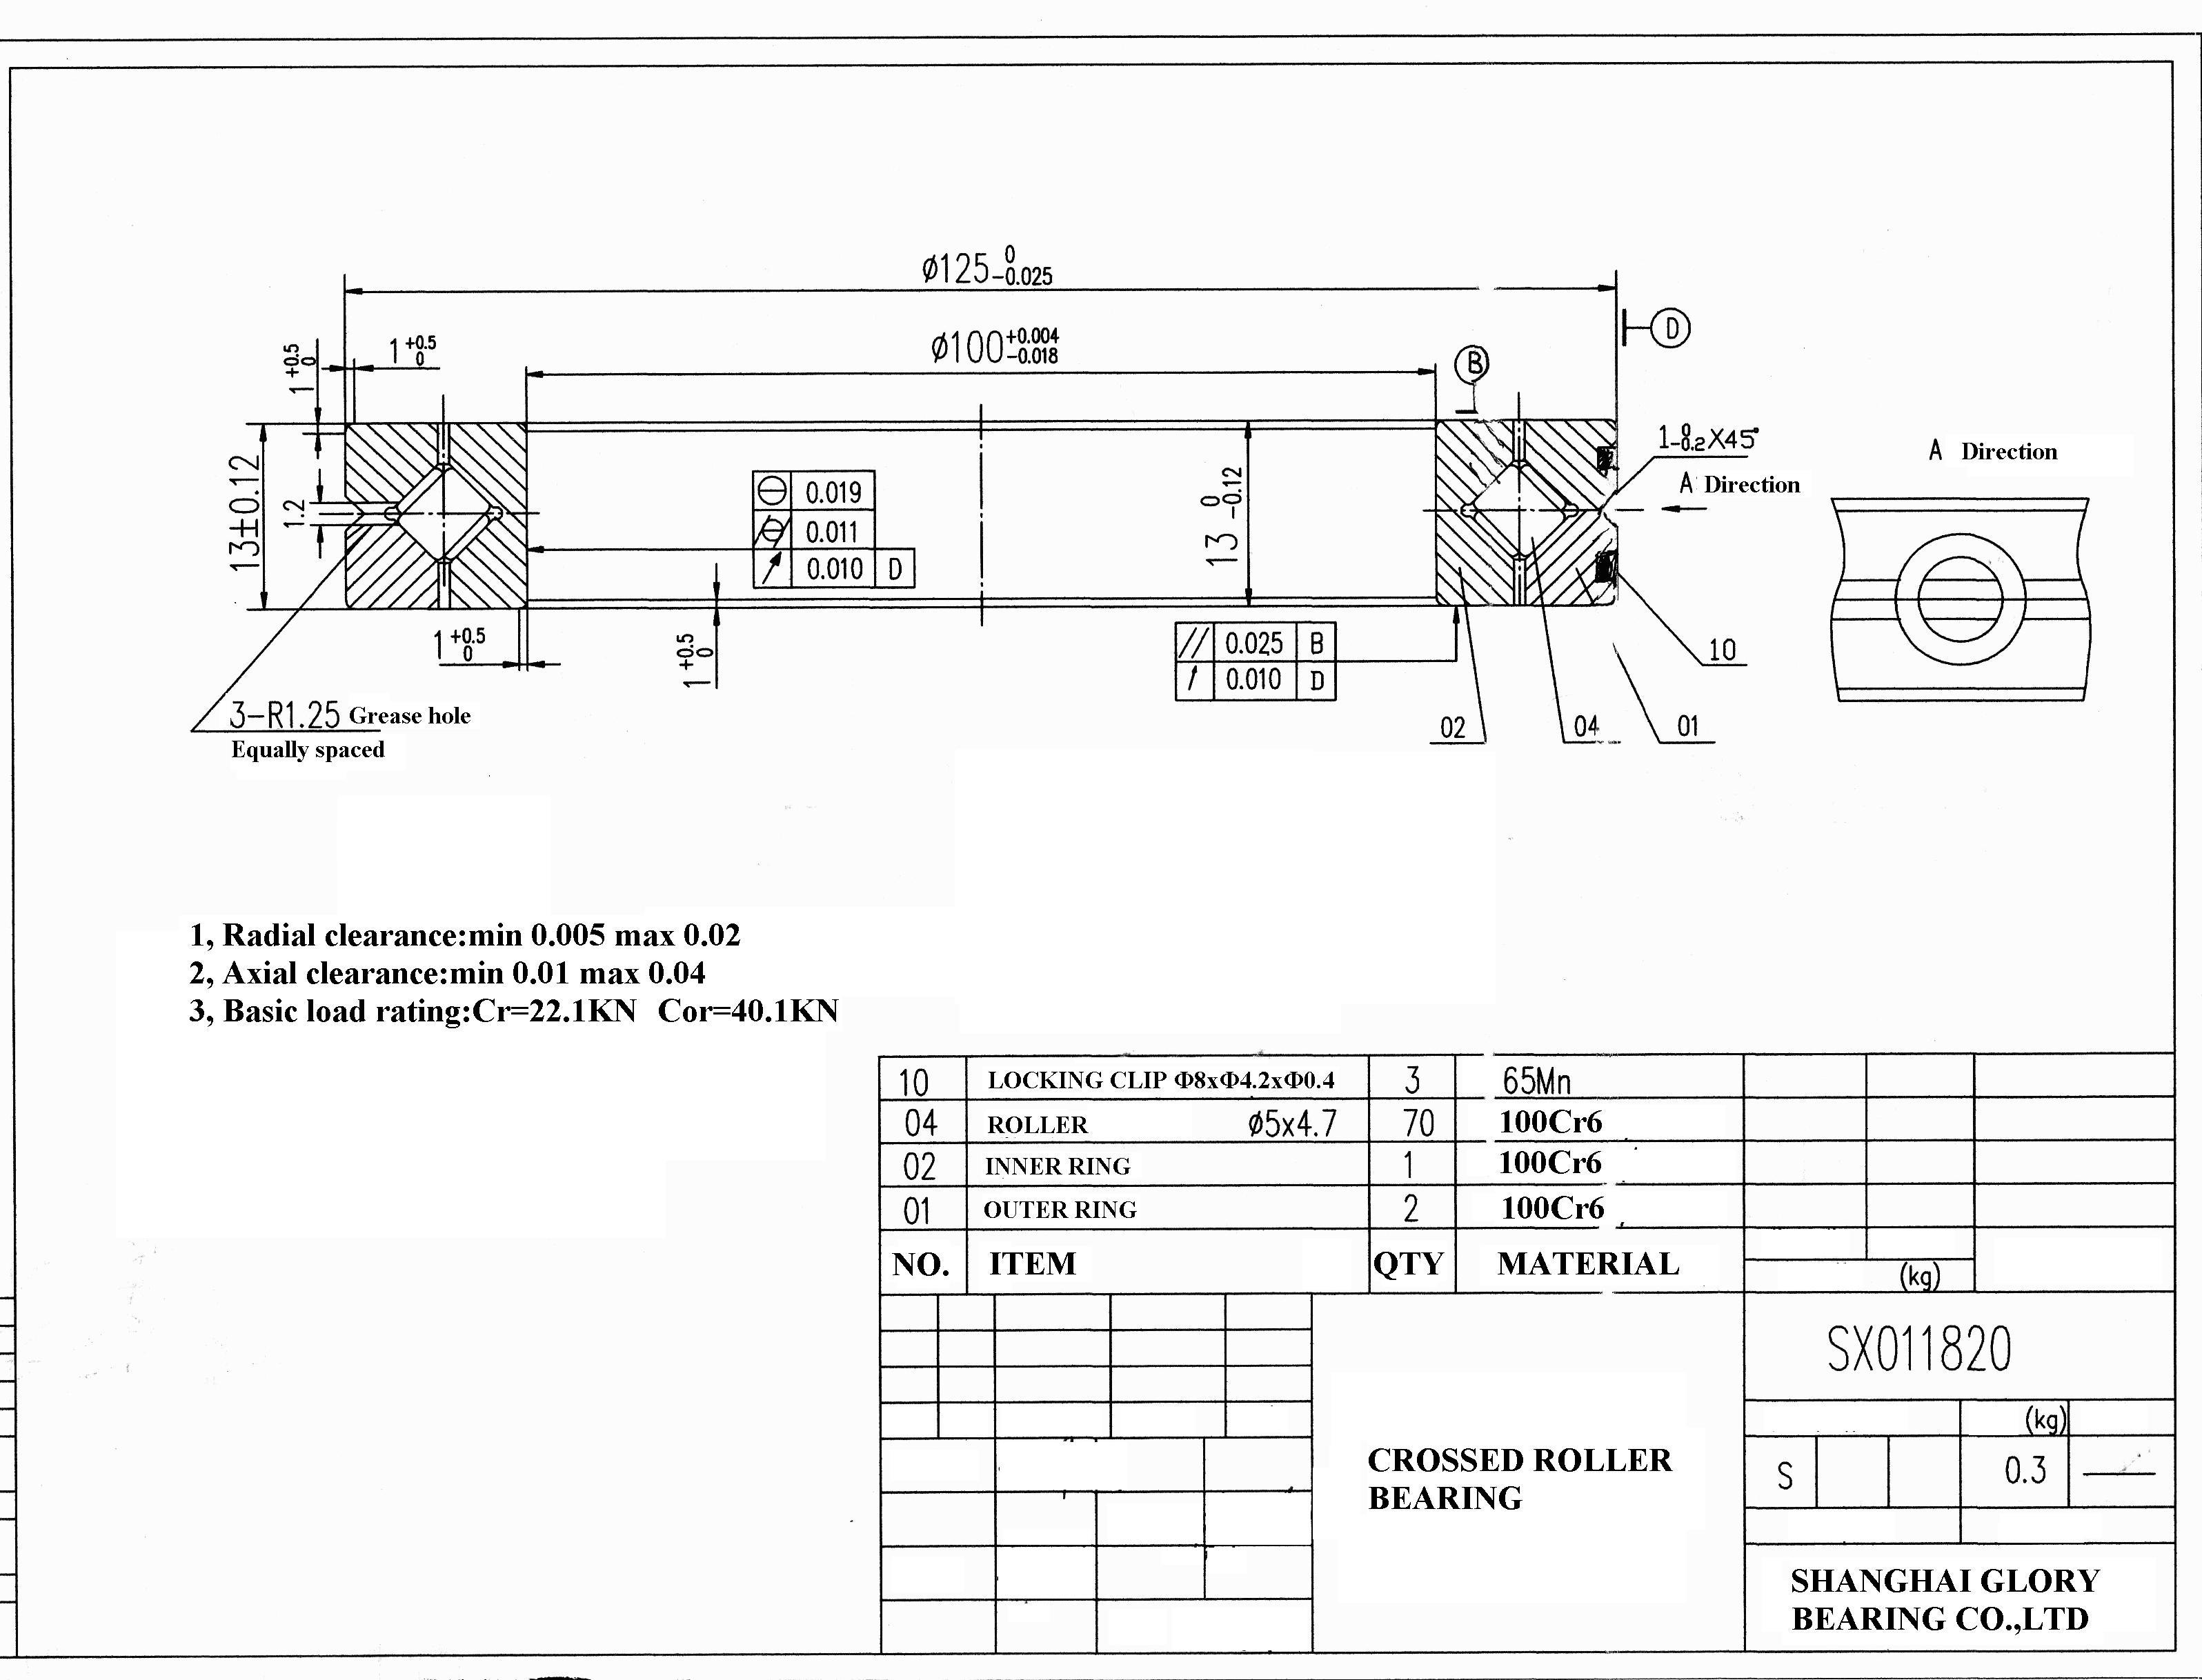 kreuzrollenlager krl 011820 kreuzrollenlager sturm. Black Bedroom Furniture Sets. Home Design Ideas